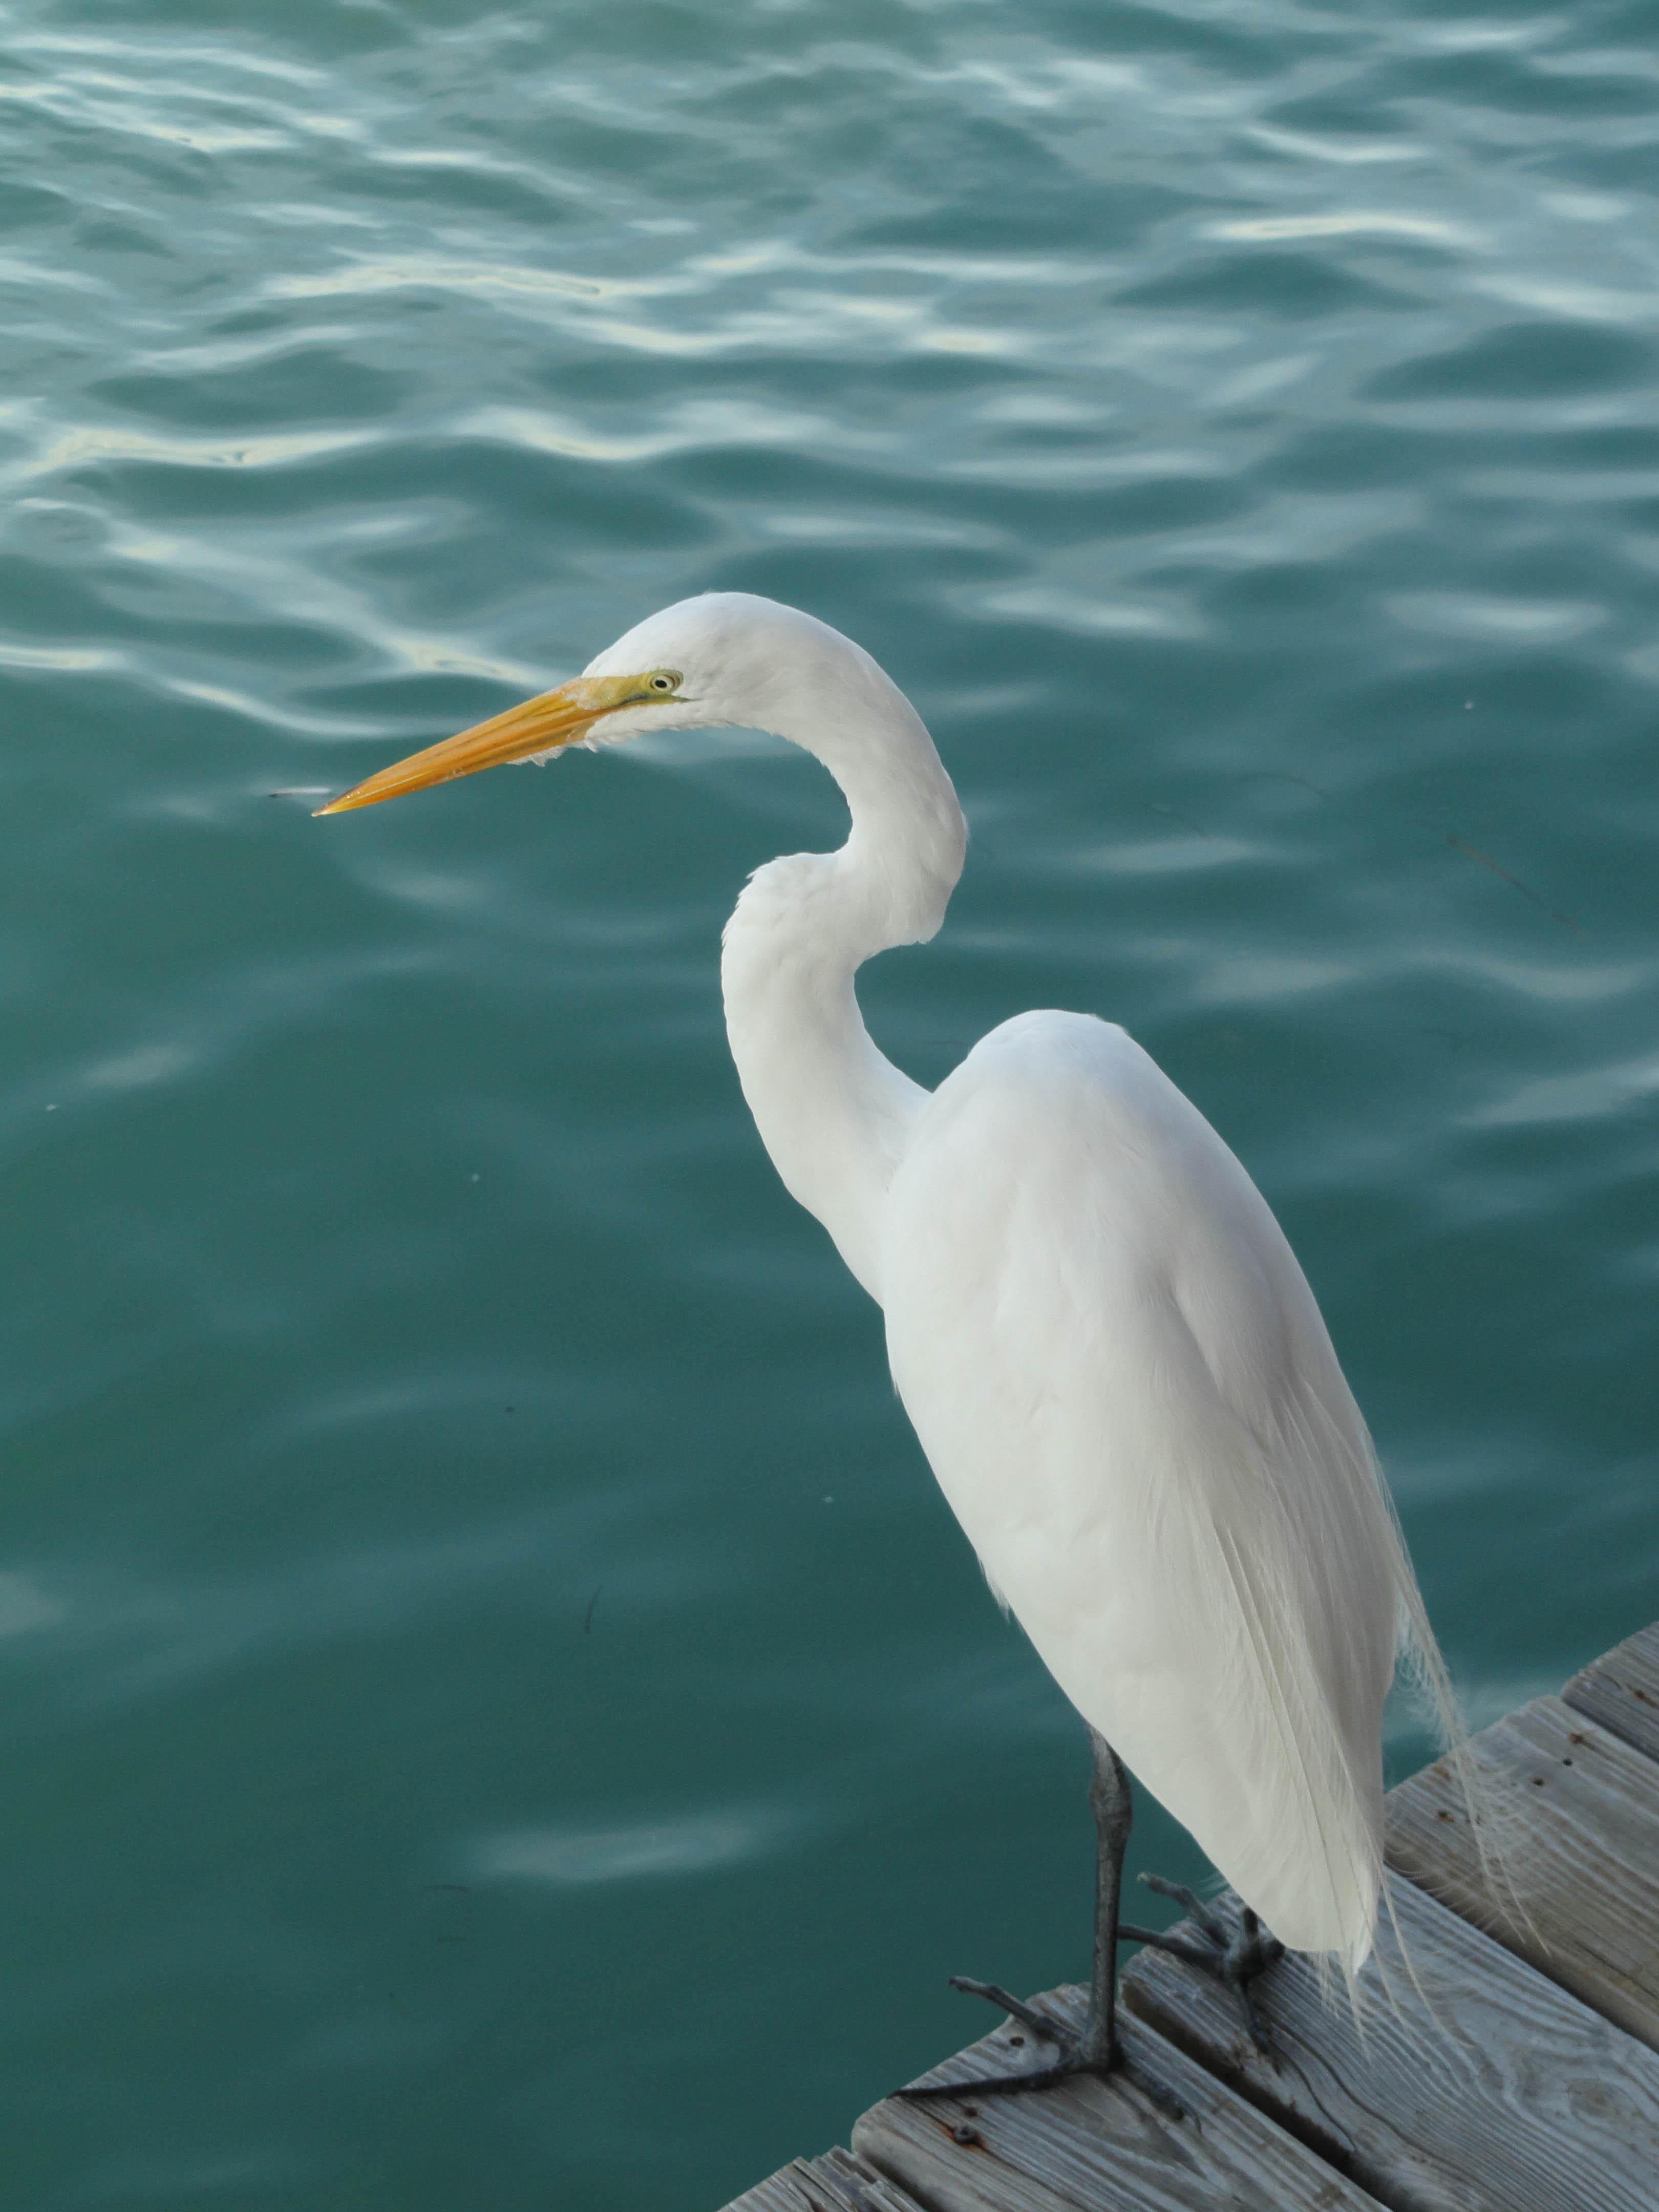 jim-west-collierville-tn-central-florida-wildlife-photo